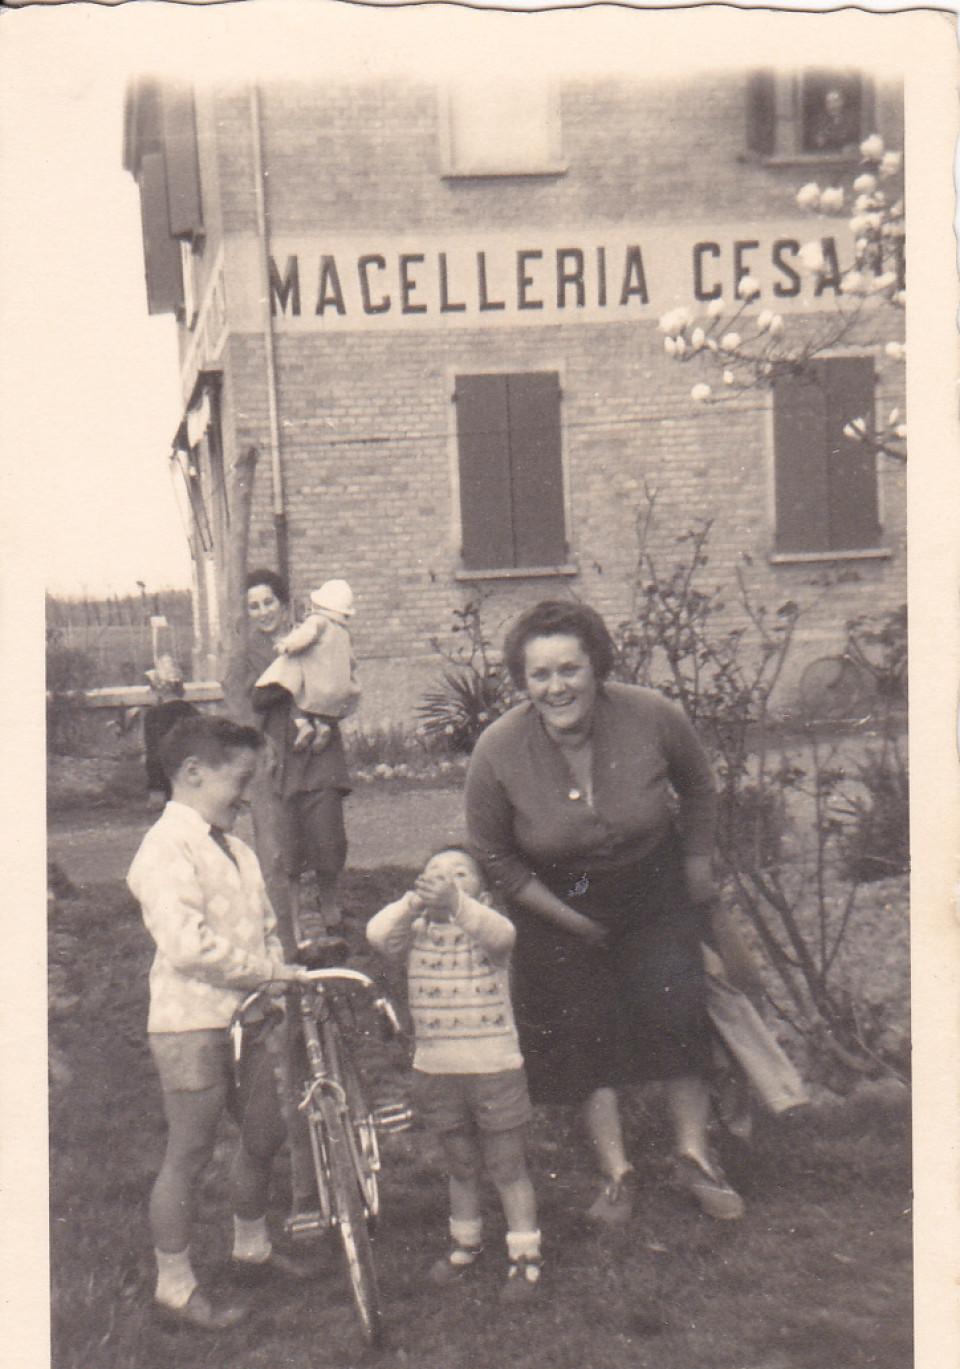 La macelleria Cesare Tugnoli di Lippo, anni '50